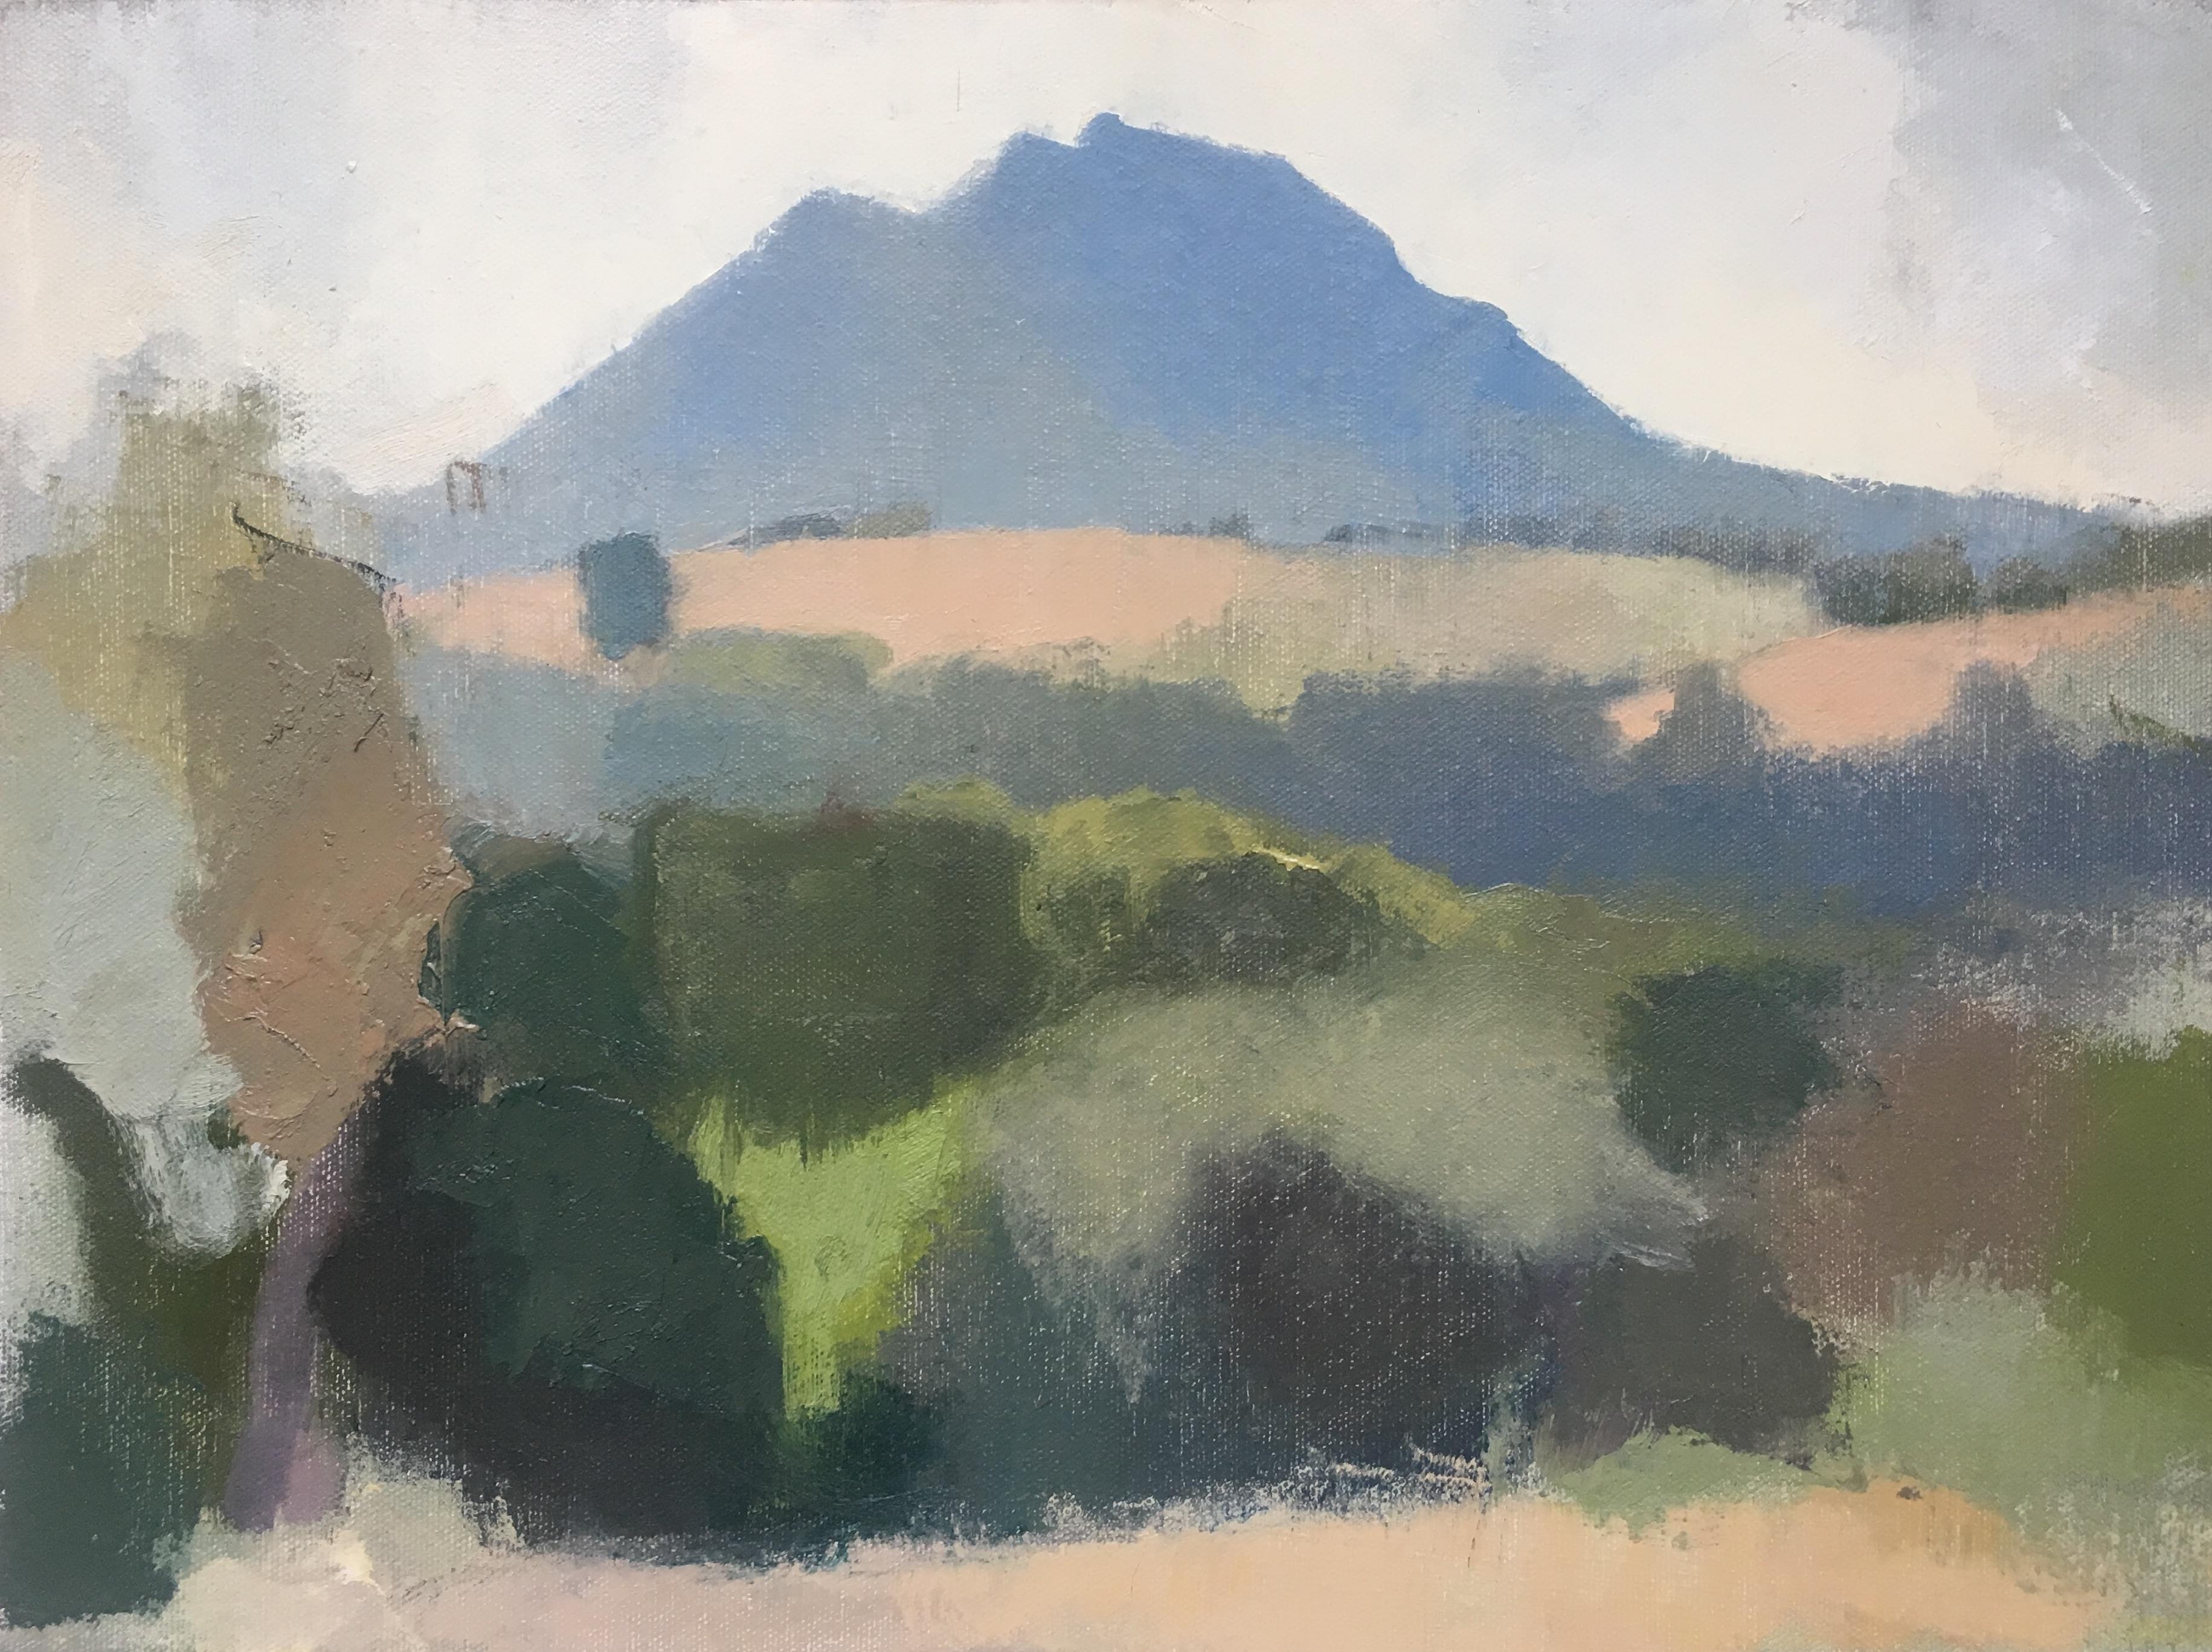 Mount Soratte